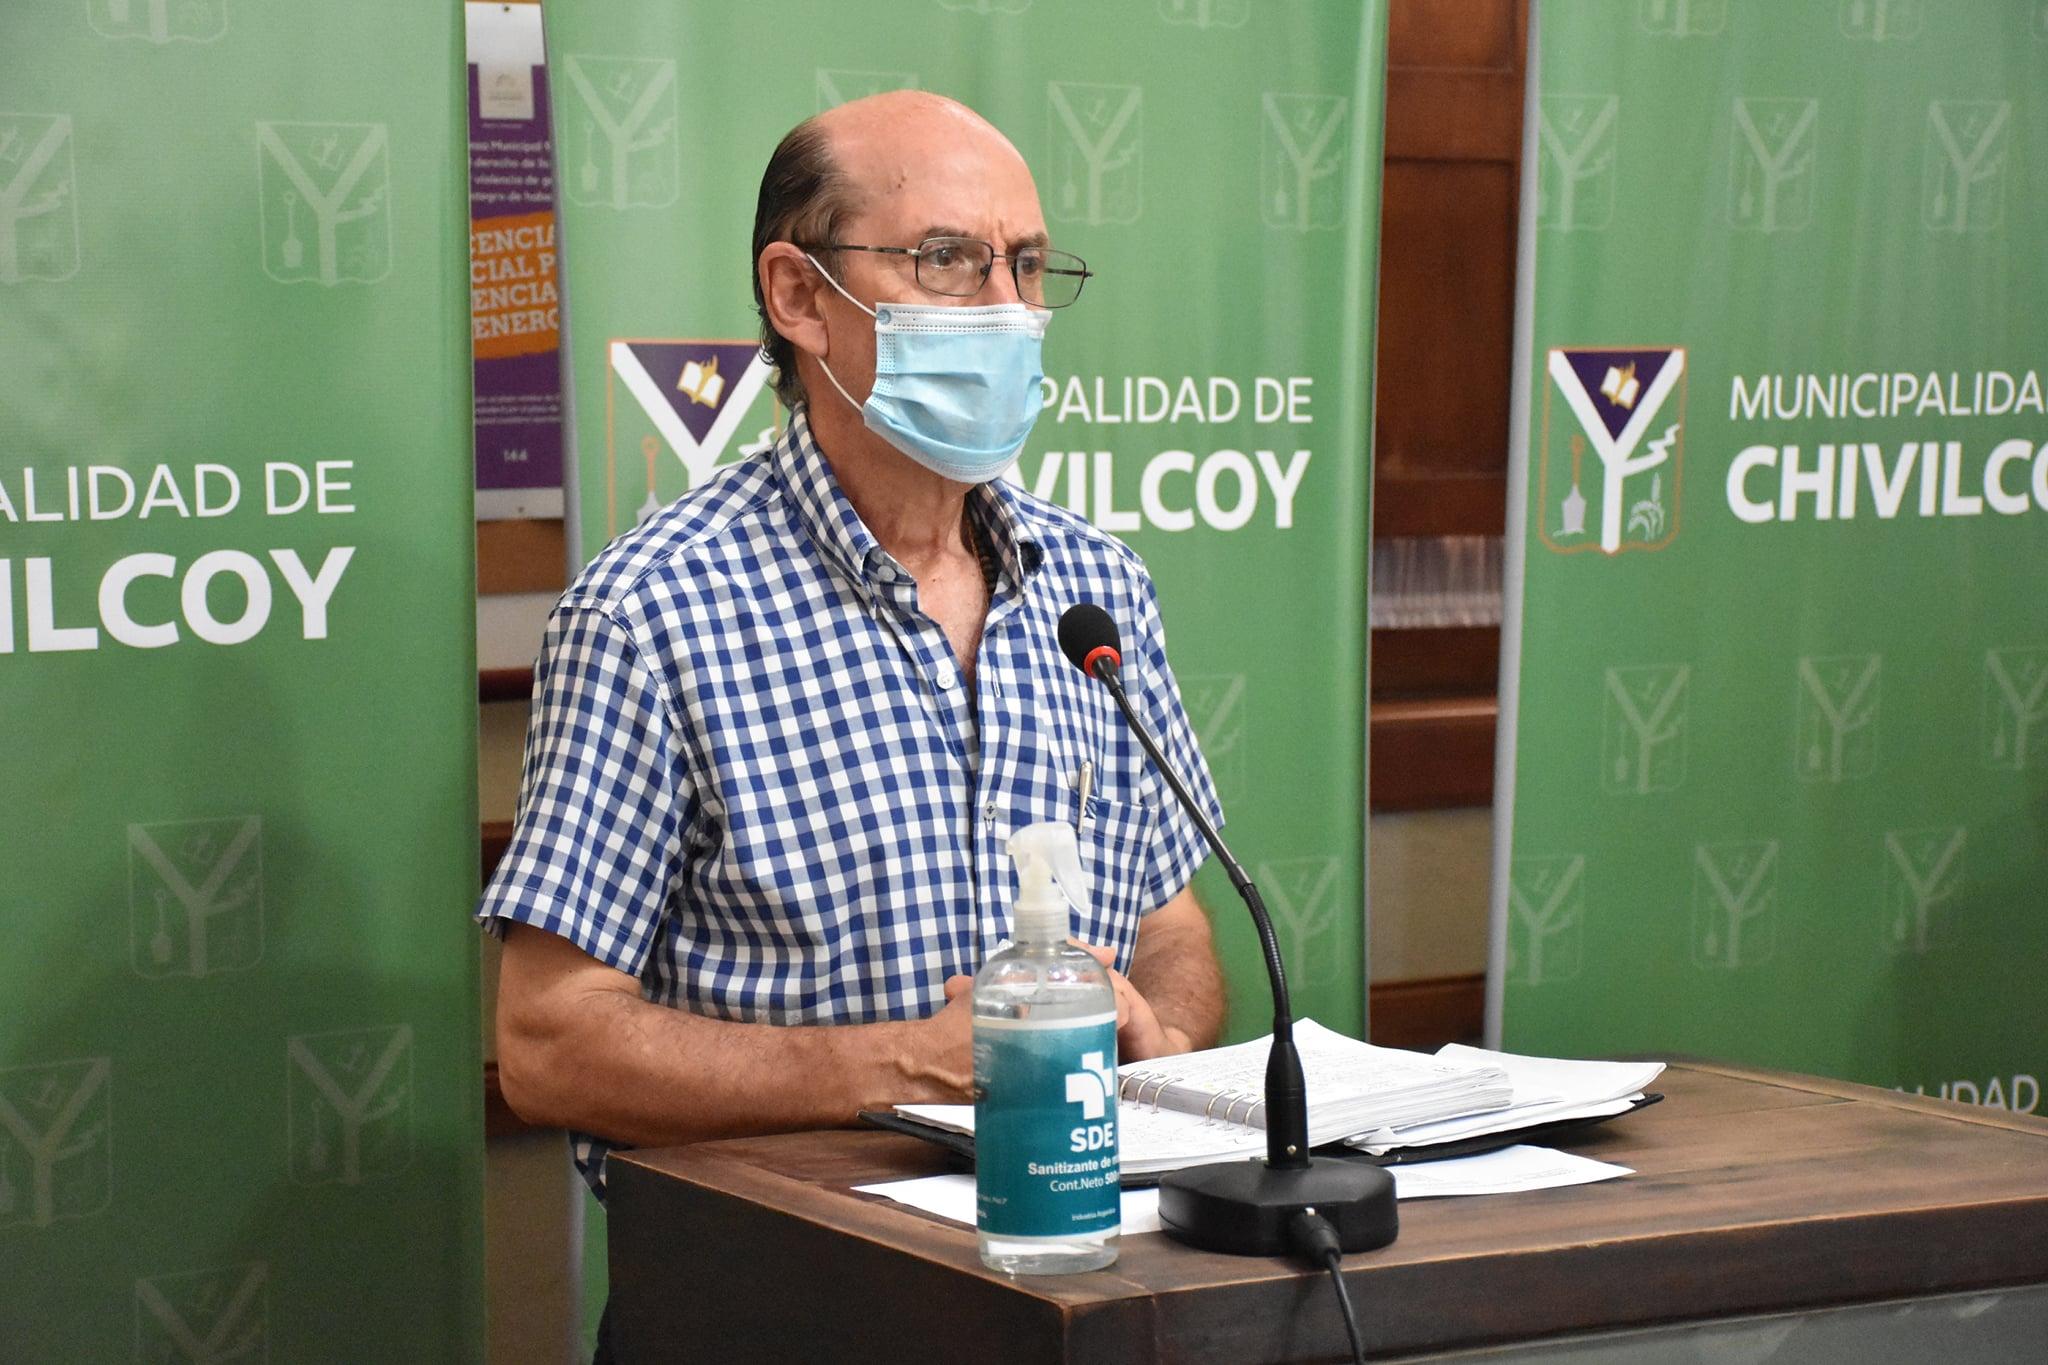 """[AUDIO] Dr. José Caprara: """"Hemos tenido que adoptar un cambio de medidas con respecto a las guardias médicas"""""""